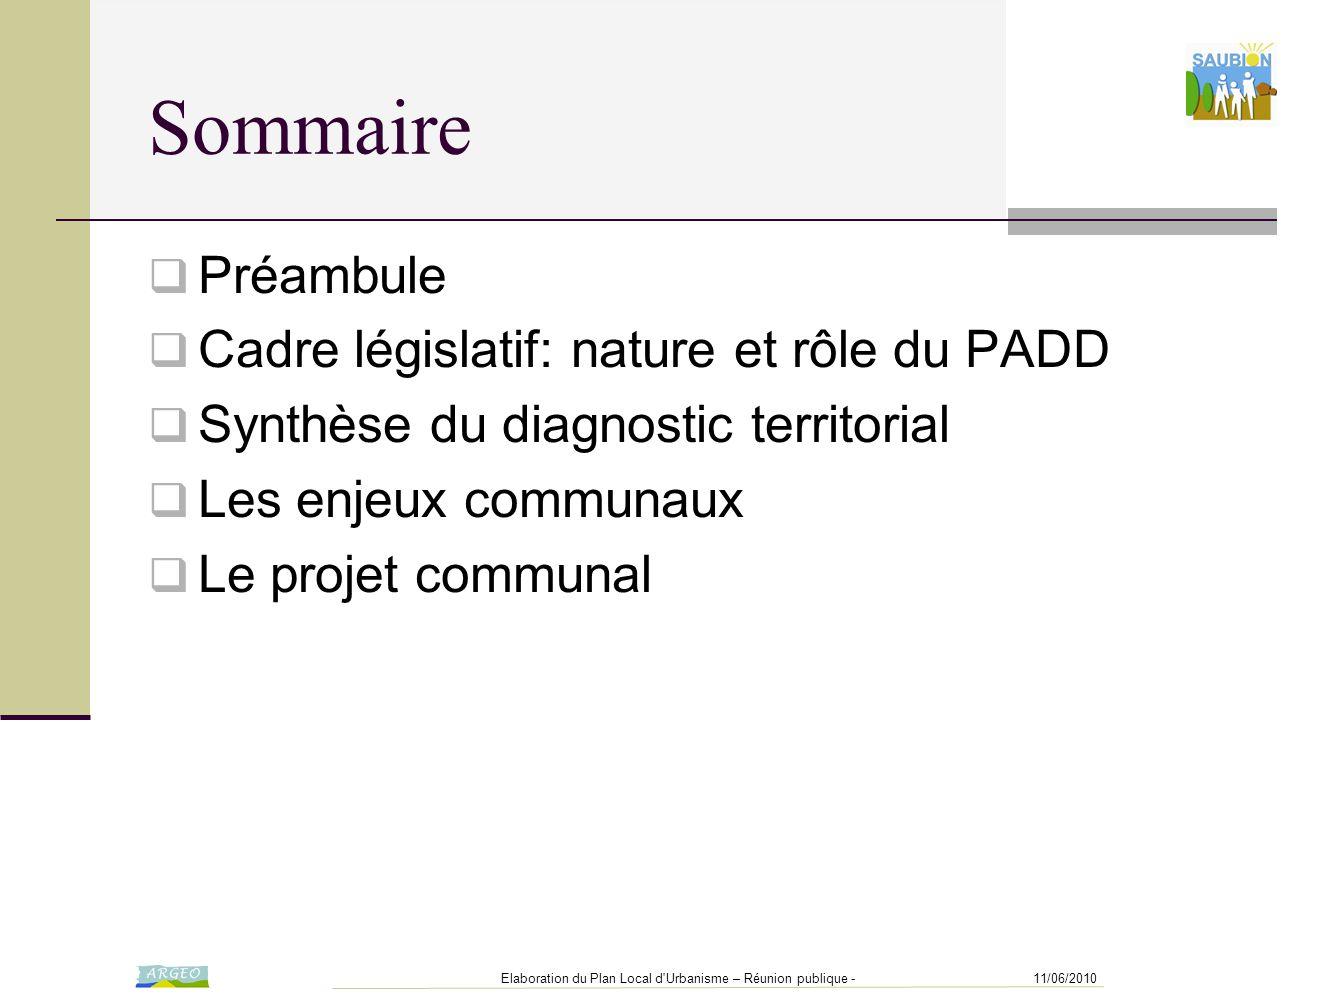 Sommaire Préambule Cadre législatif: nature et rôle du PADD